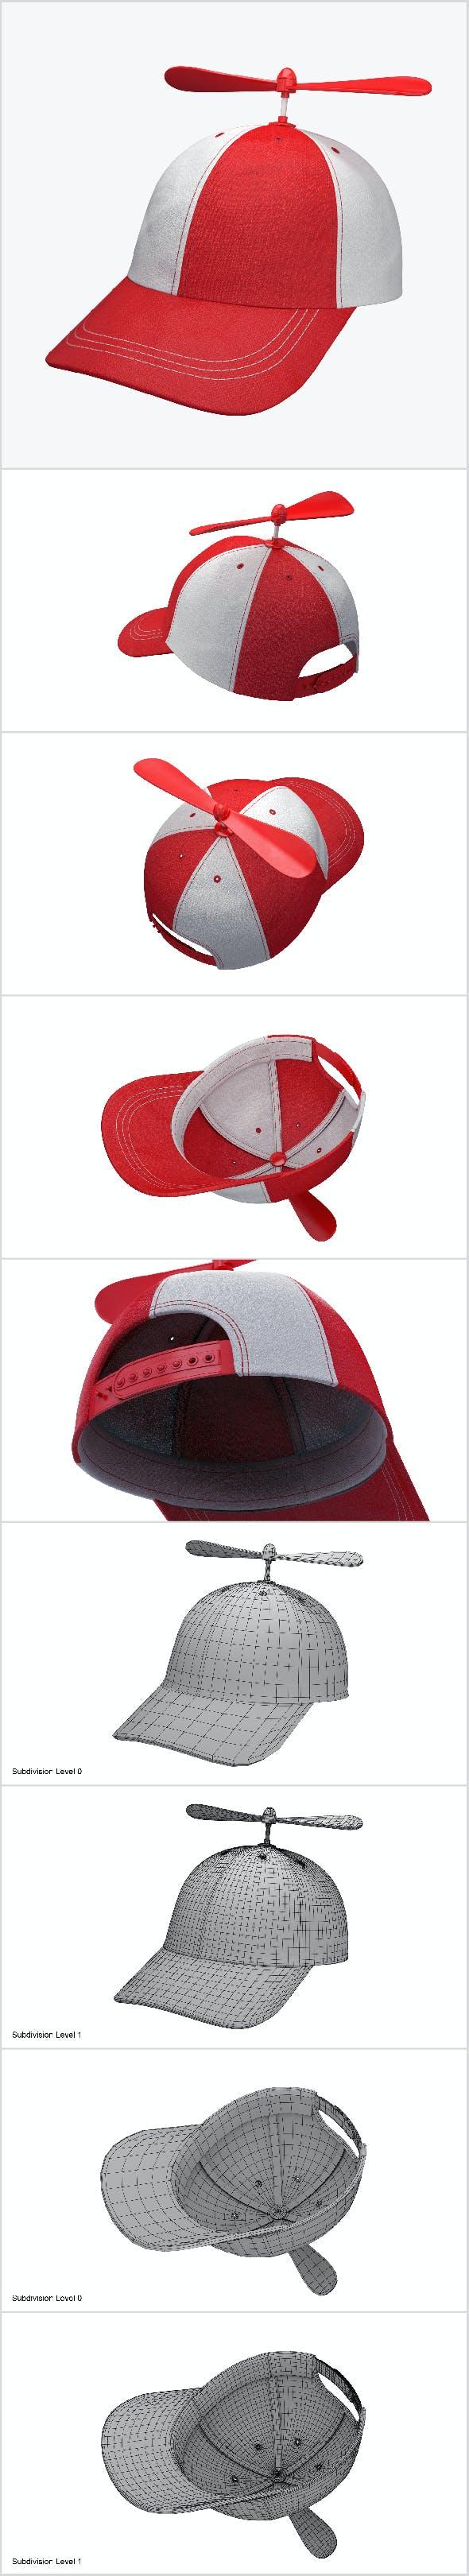 Propeller hat - 3DOcean Item for Sale